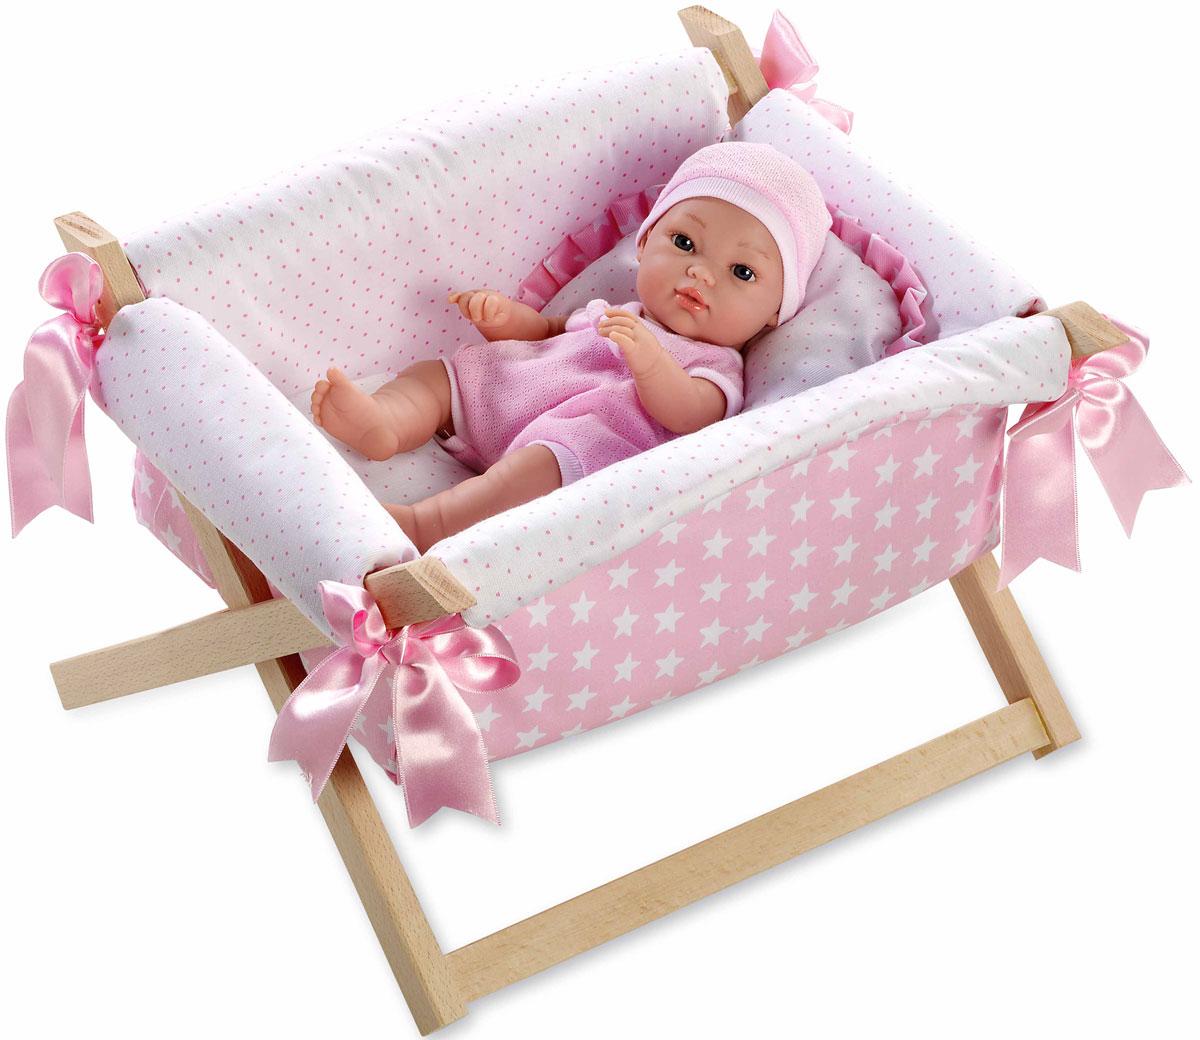 Цветы вертикальные, картинки для детей кукла в кроватке